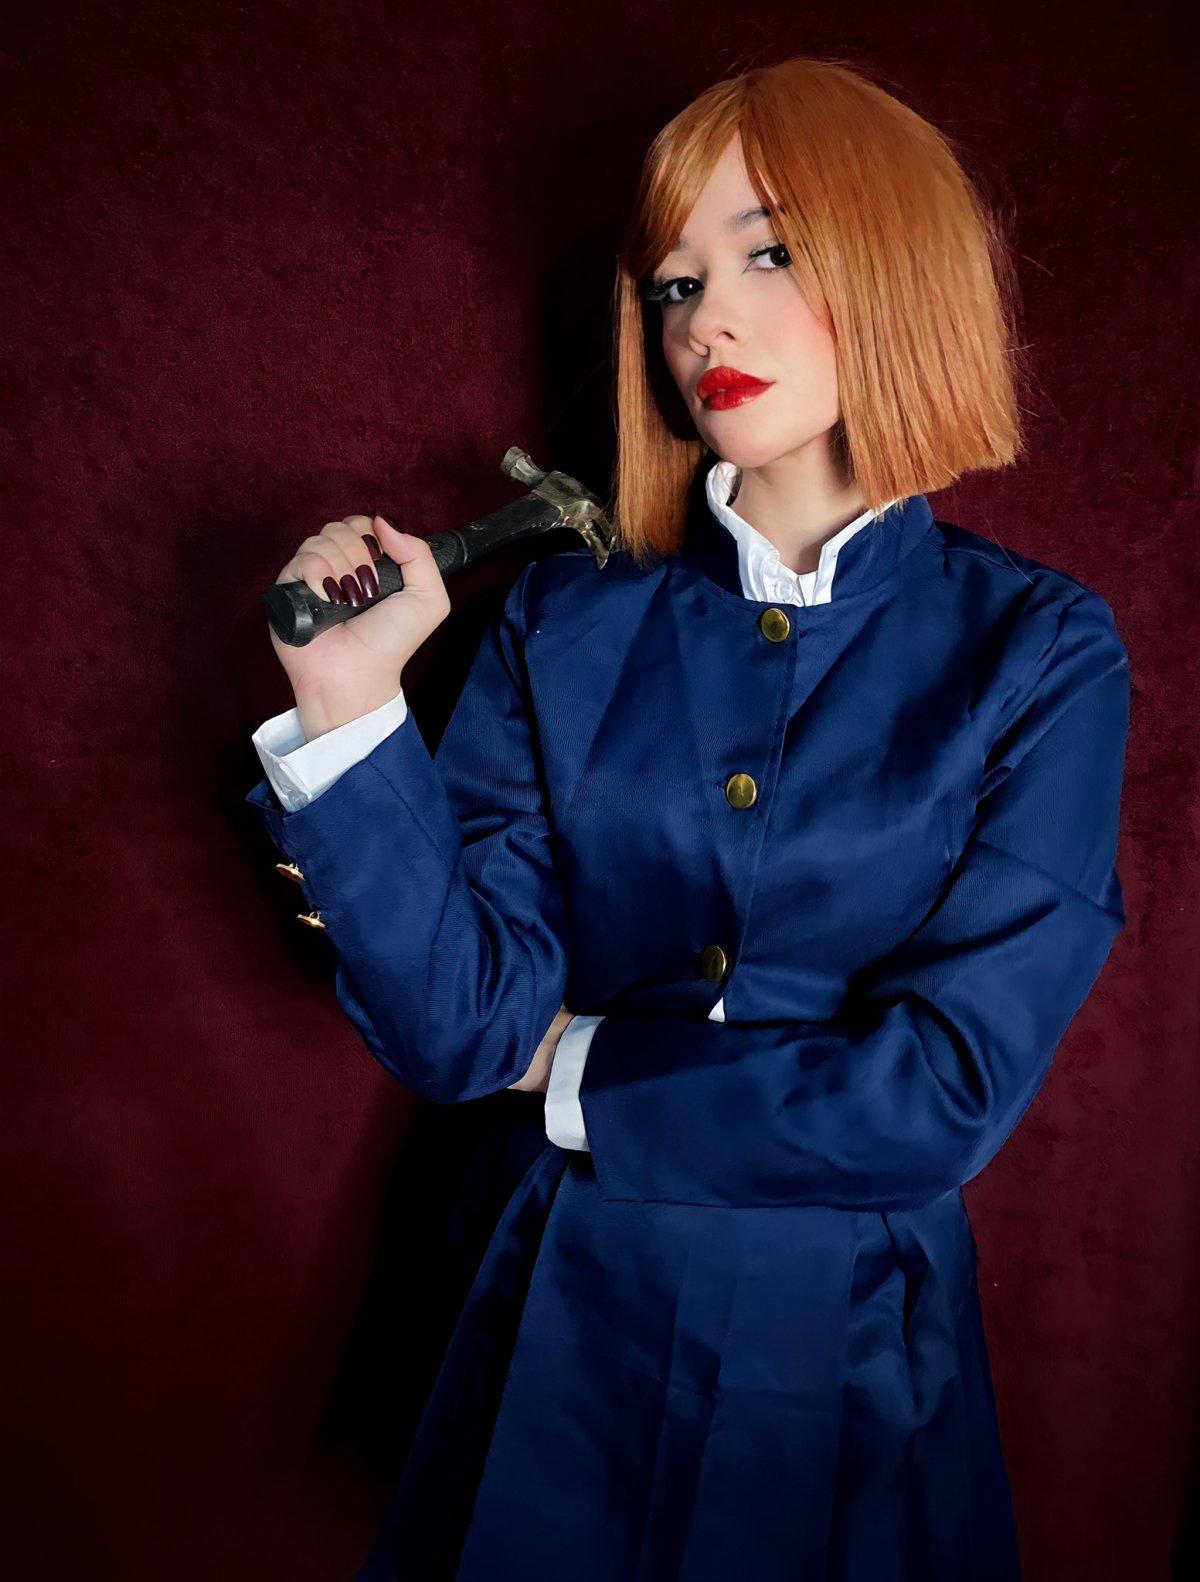 Belo cosplay da Nobara, de Jujutsu Kaisen, da cosplayer e streamer brasileira Carolina Lima. Na foto ela está segurando um martelo e a caracterização traz ela com um vestido.